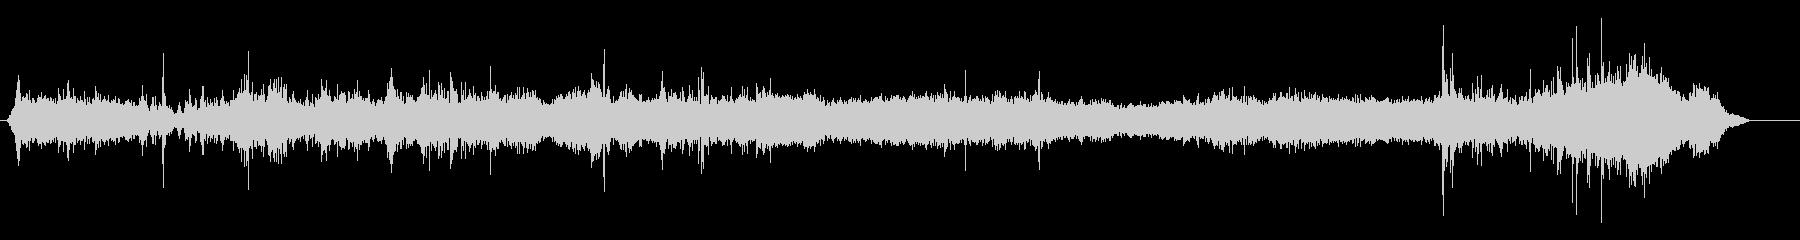 ブルドーザー-ブルドーザー-岩を押すの未再生の波形